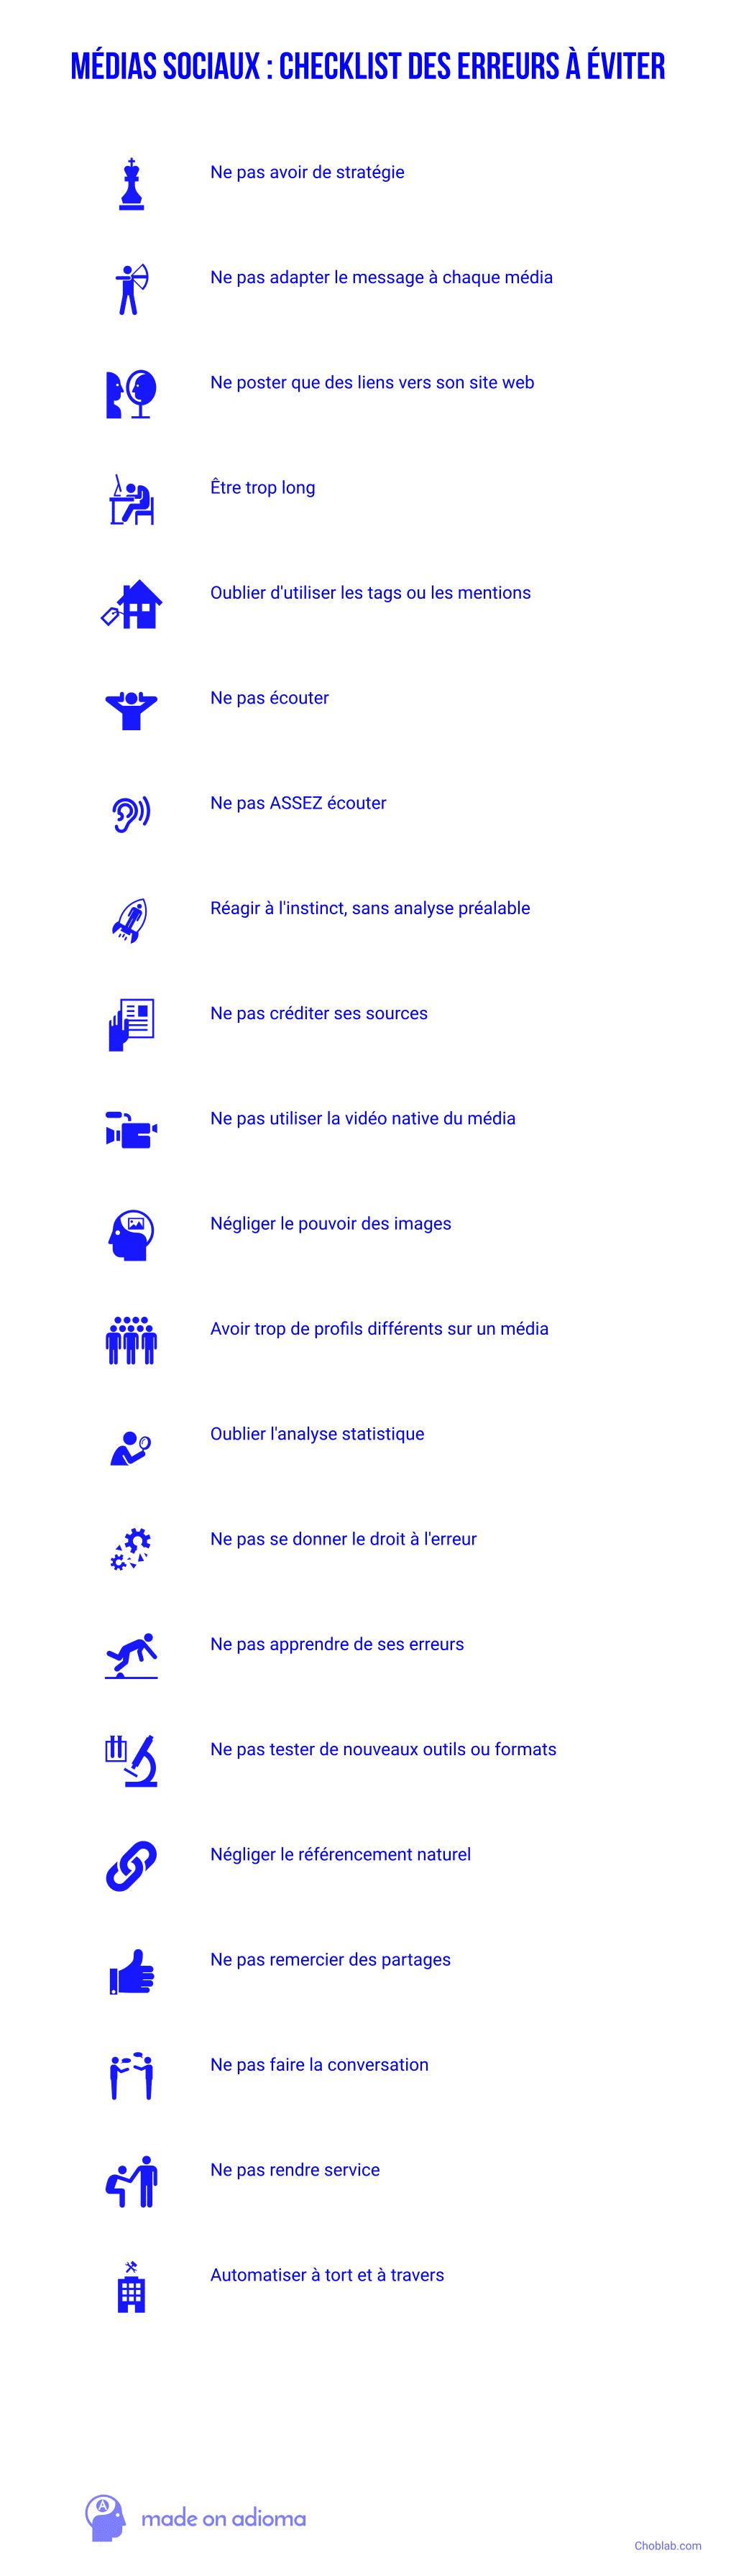 Médias sociaux : checklist des erreurs à éviter #infographie Choblab